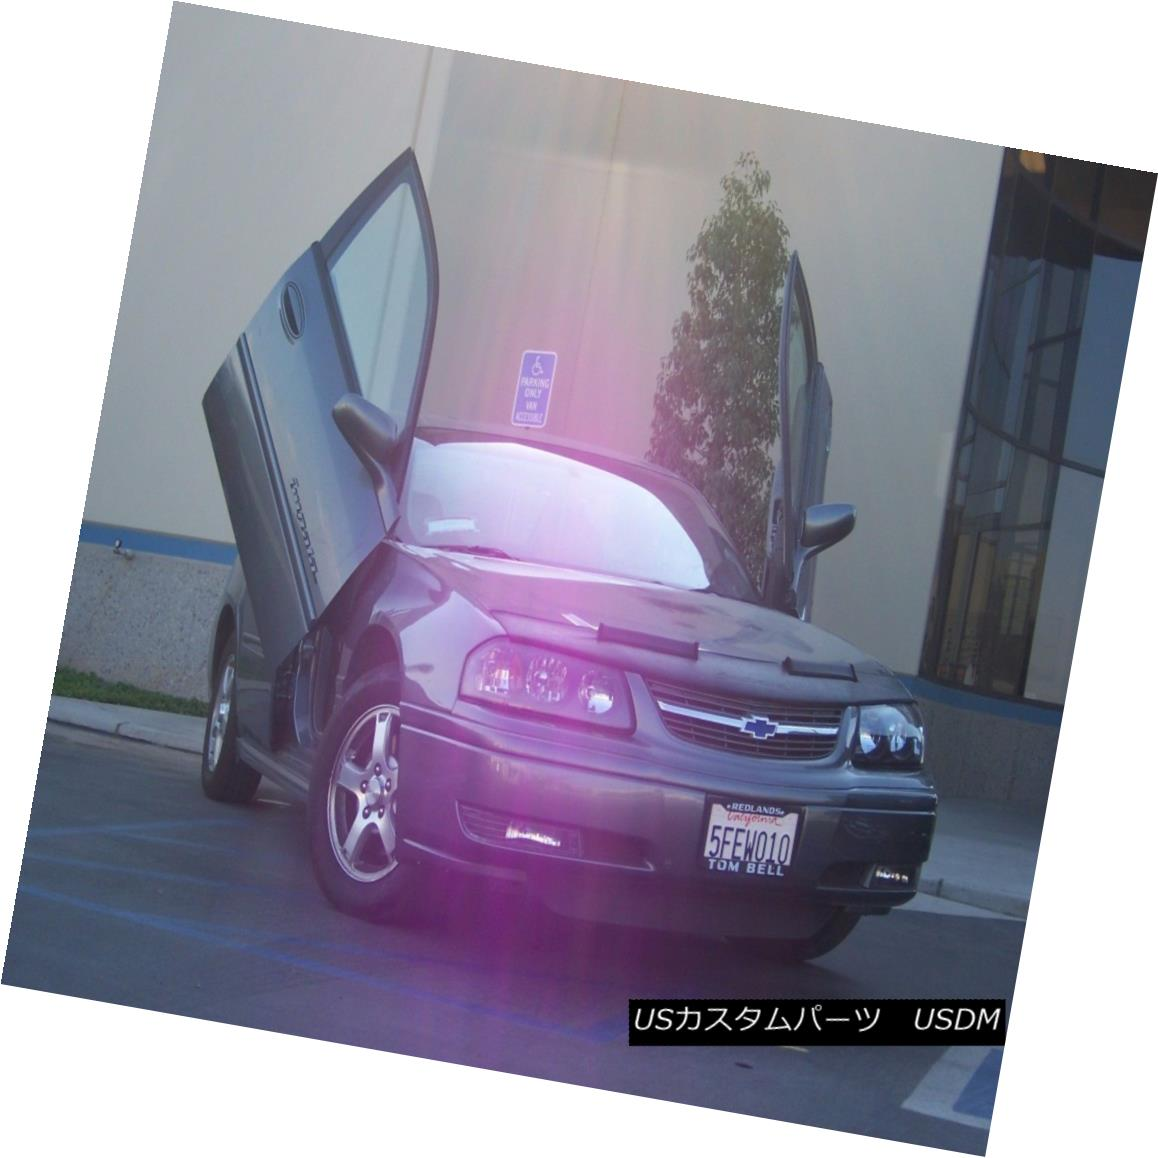 ガルウィングキット Chevy Impala 2000-2005 Bolt-on Vertical Lambo Doors Chevy Impala 2000-2005 Bolt-on Vertical Lambo Doors